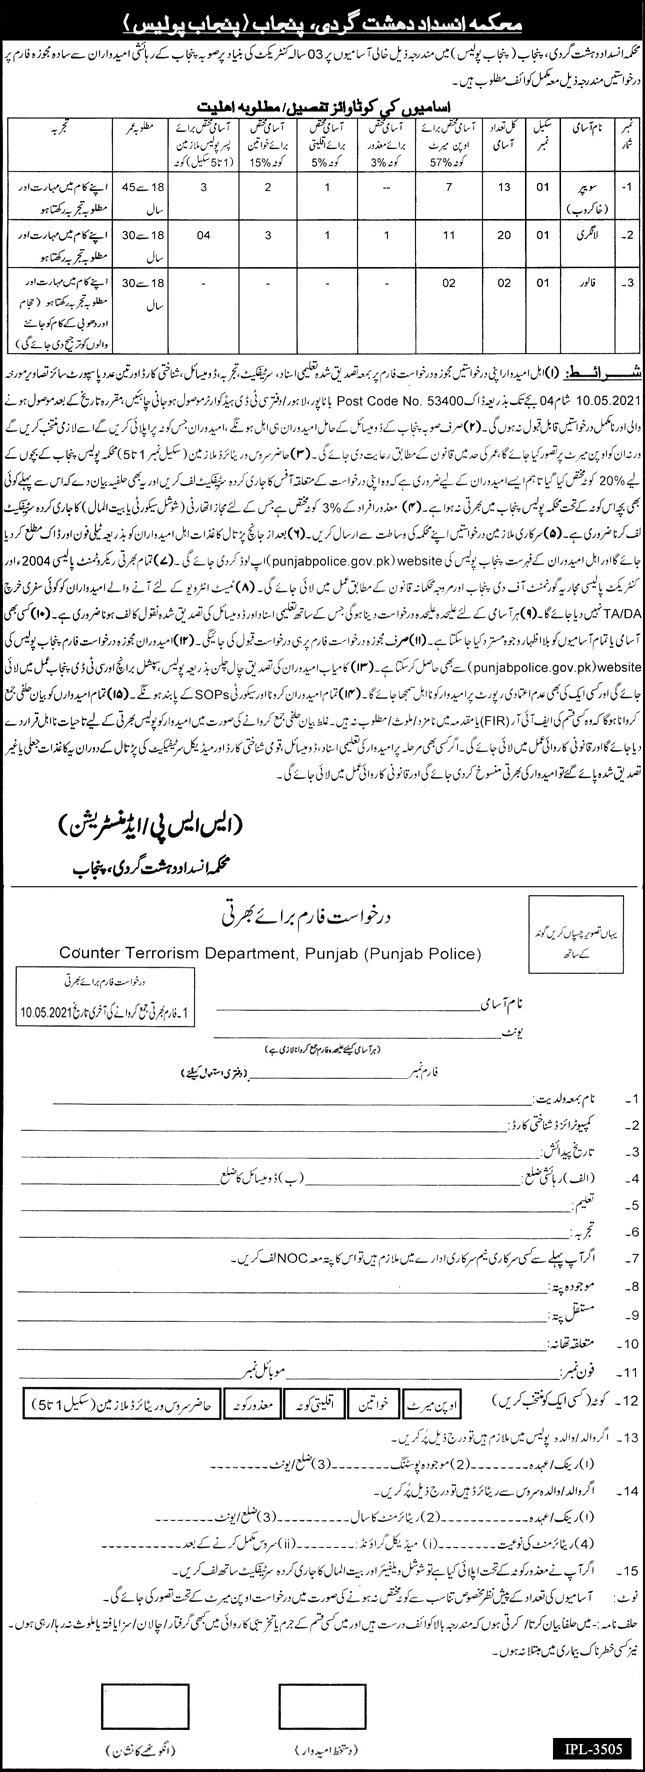 Punjab Police Counter Terrorism Department CTD Jobs April 2021